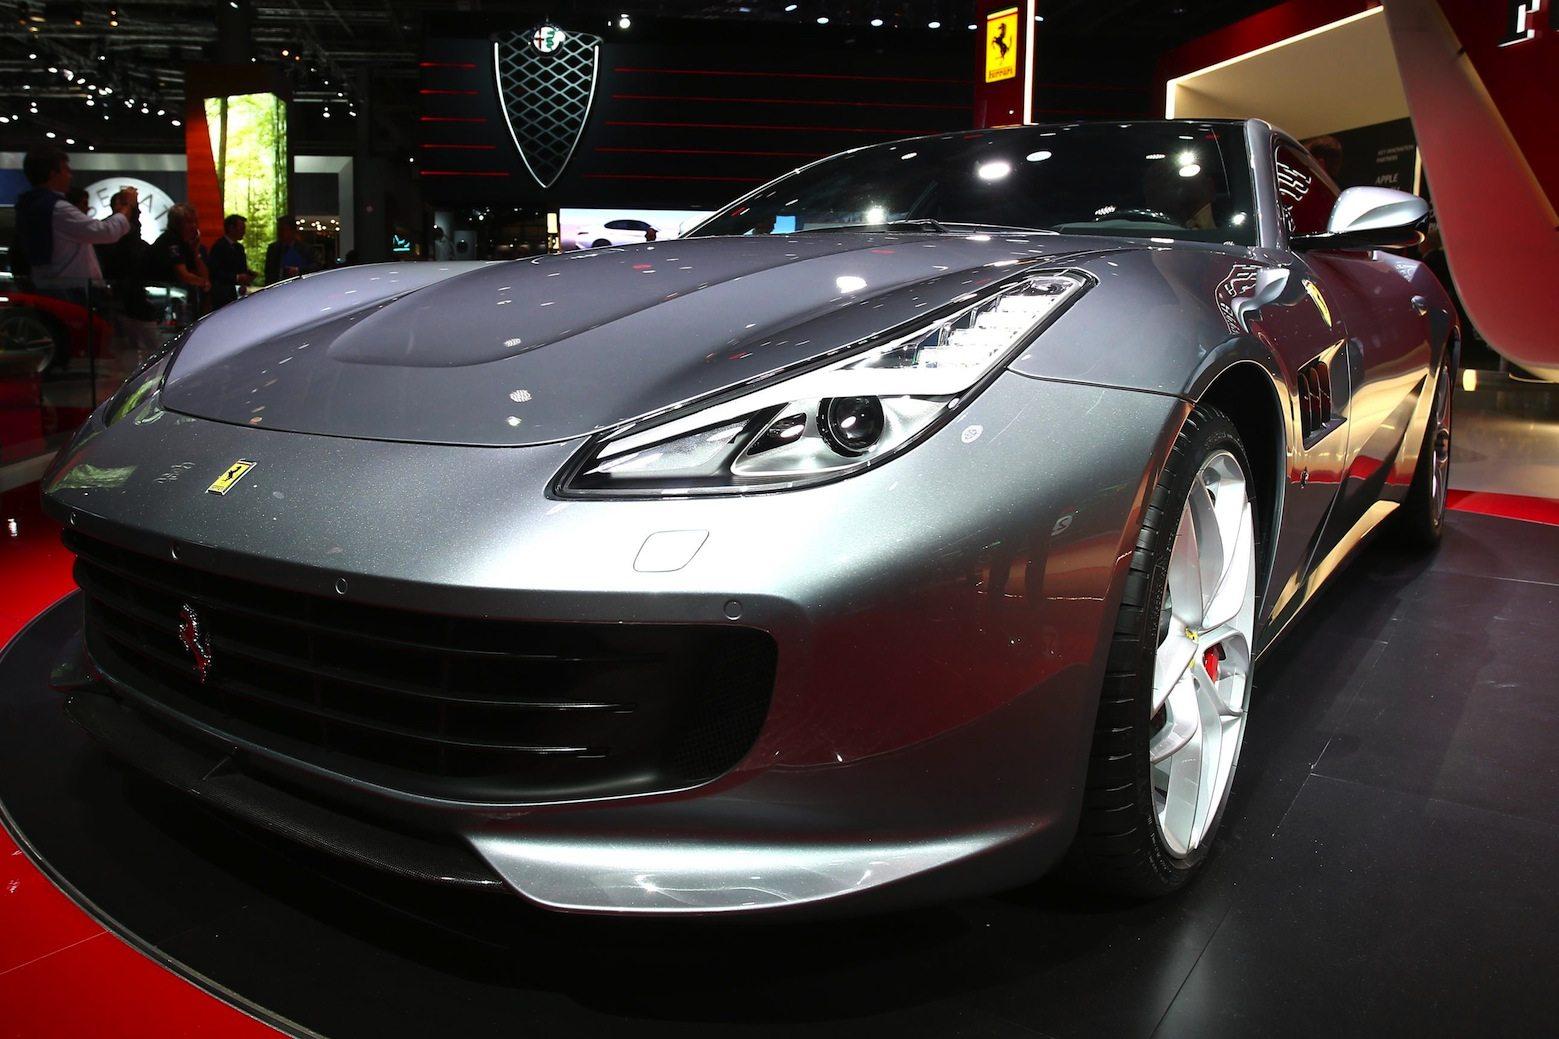 La Ferrari GTC4Lusso